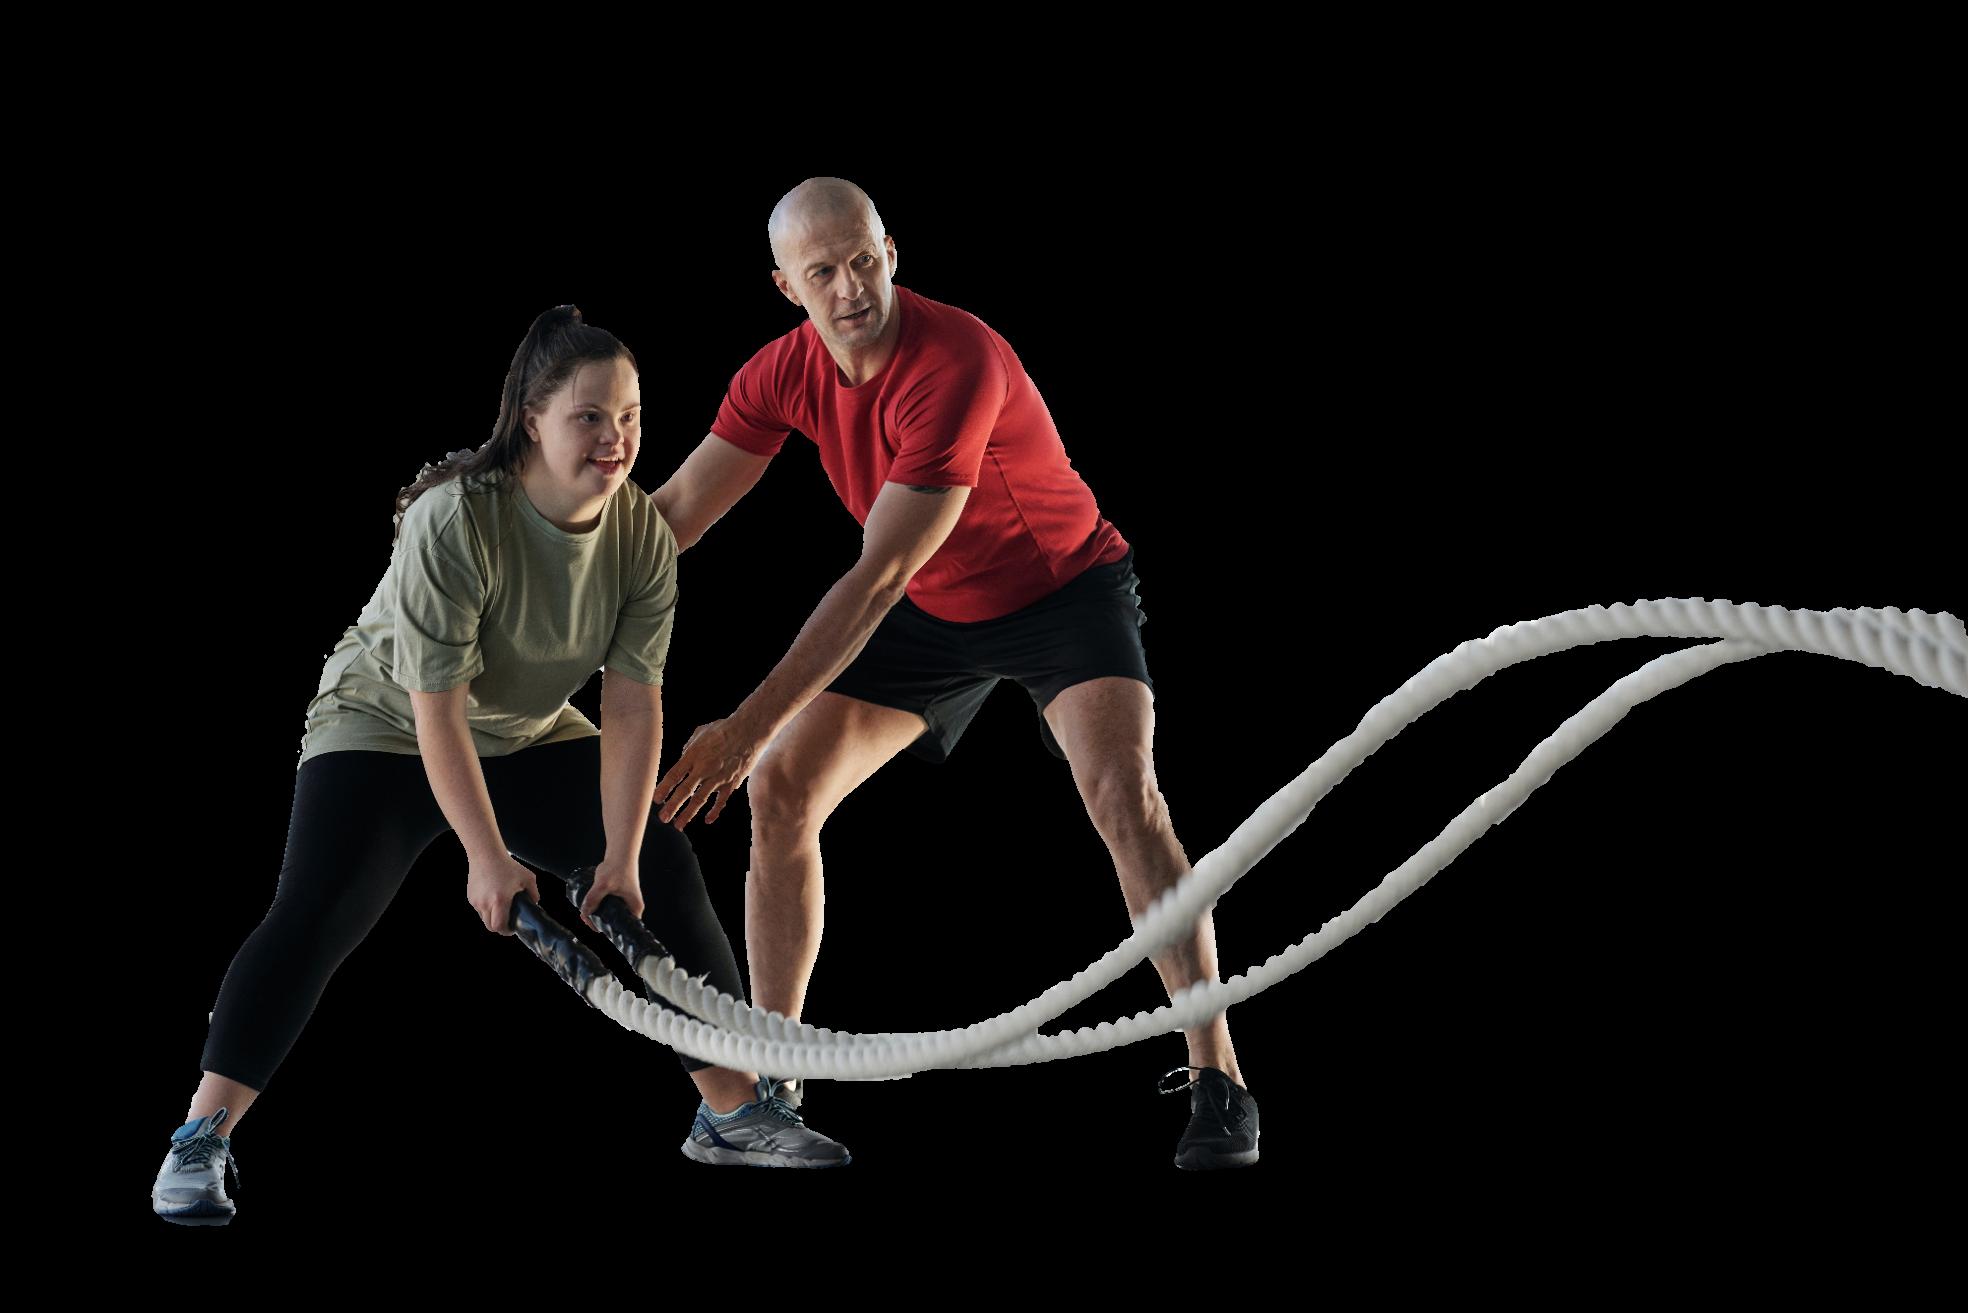 Fitnesstraining, zu hause, gym, outdoor